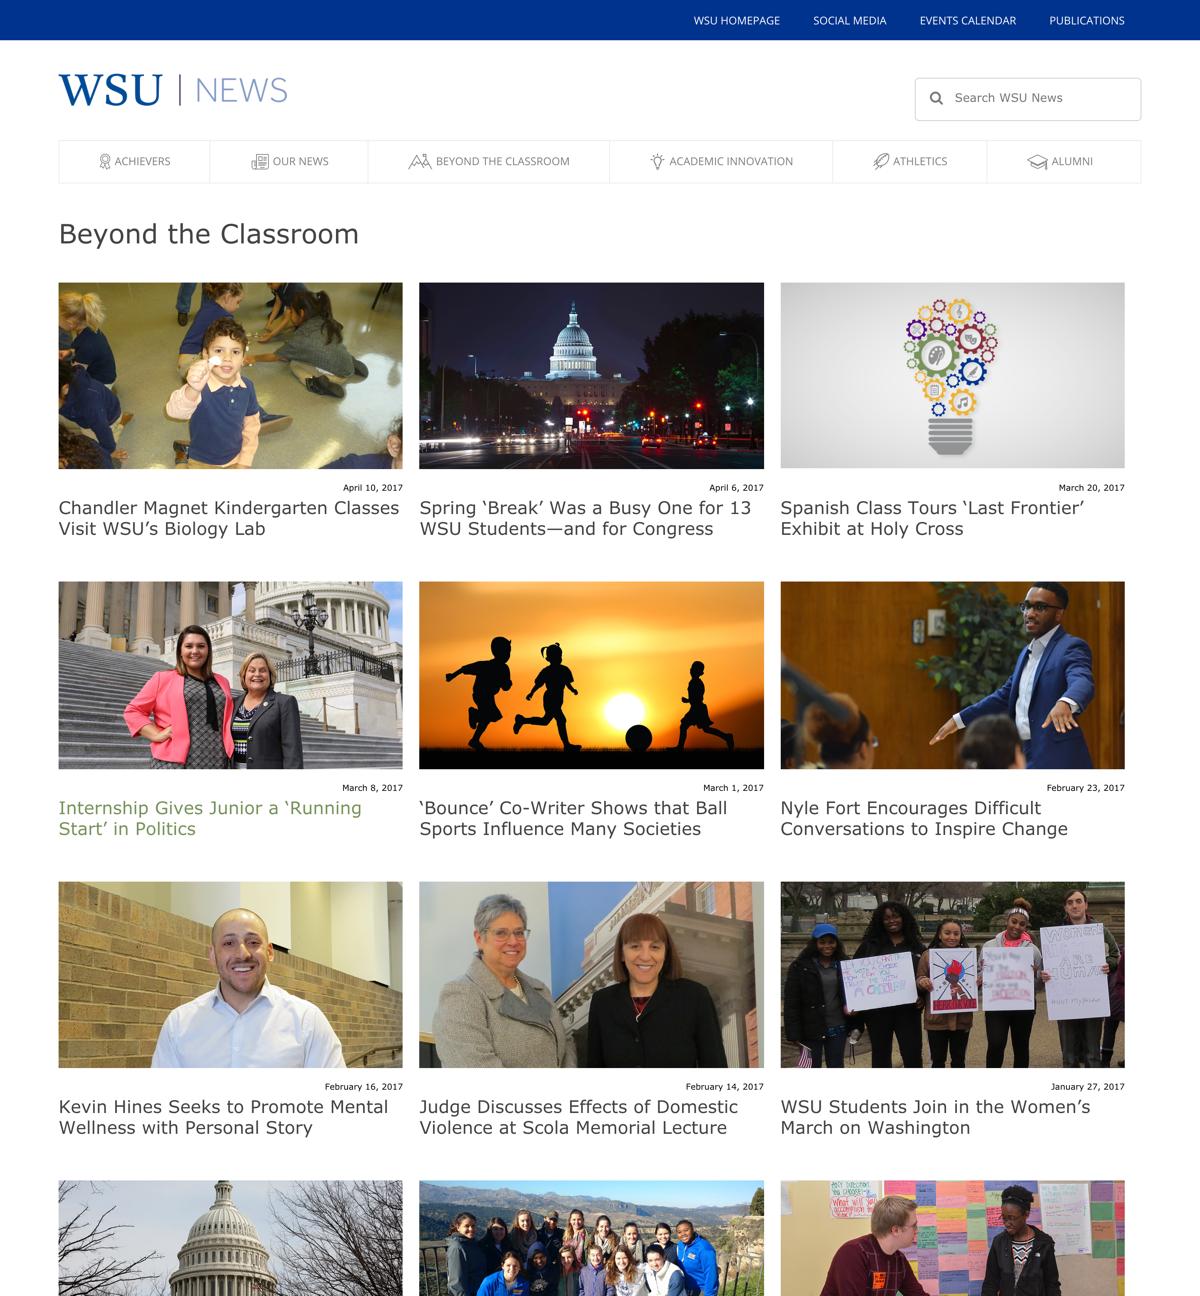 WSU News Category View